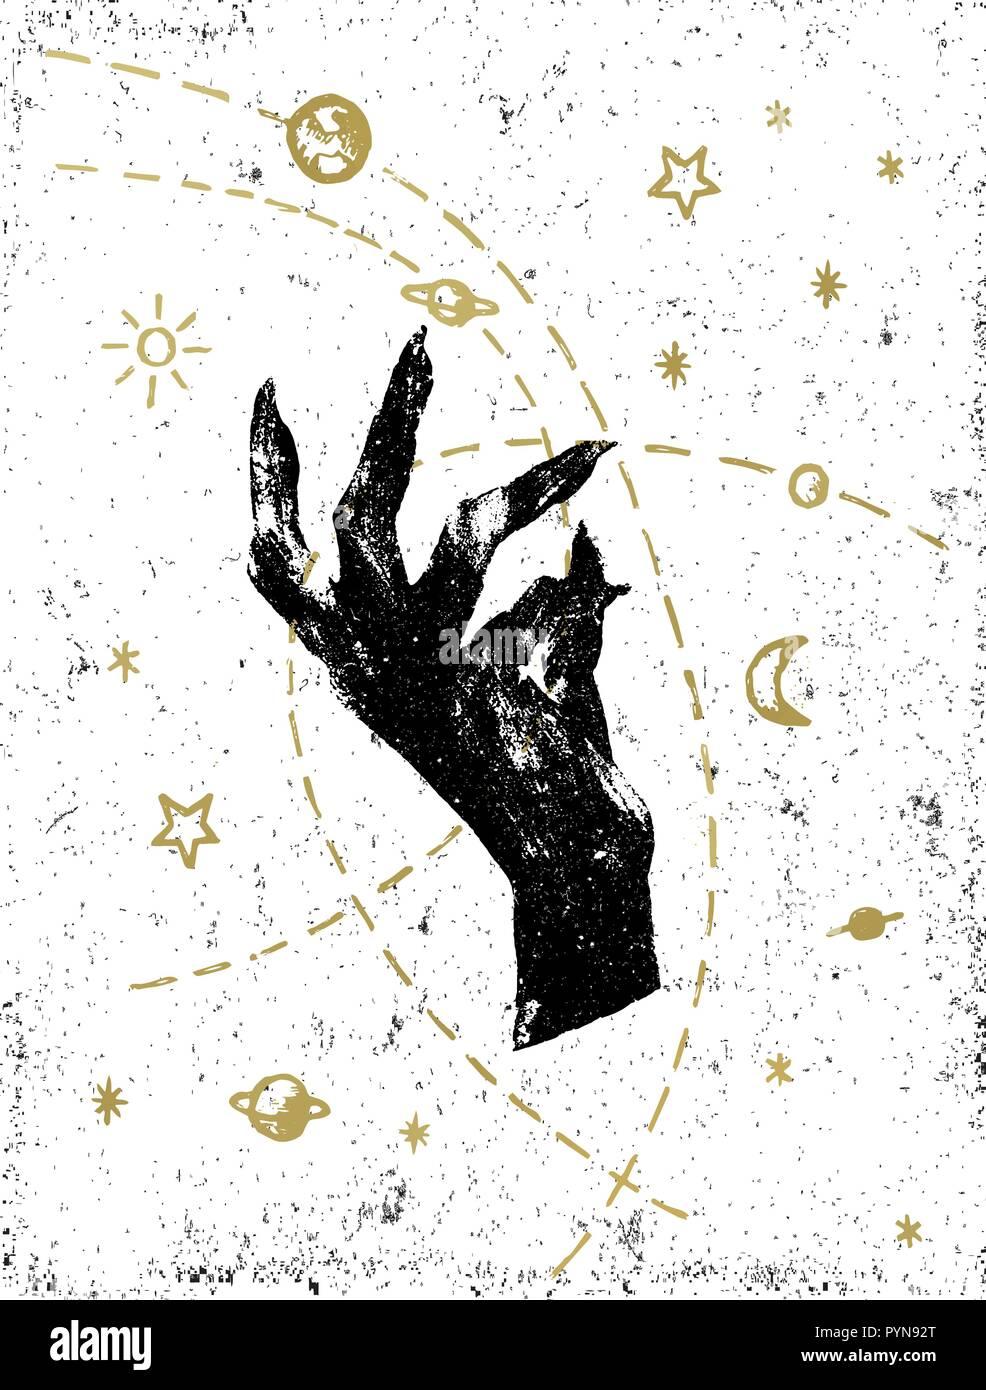 La main de sorcière noire avec cosmos symbolique illustration on white background. Autocollant, tatouage, patch ou poster print design. Illustration de Vecteur